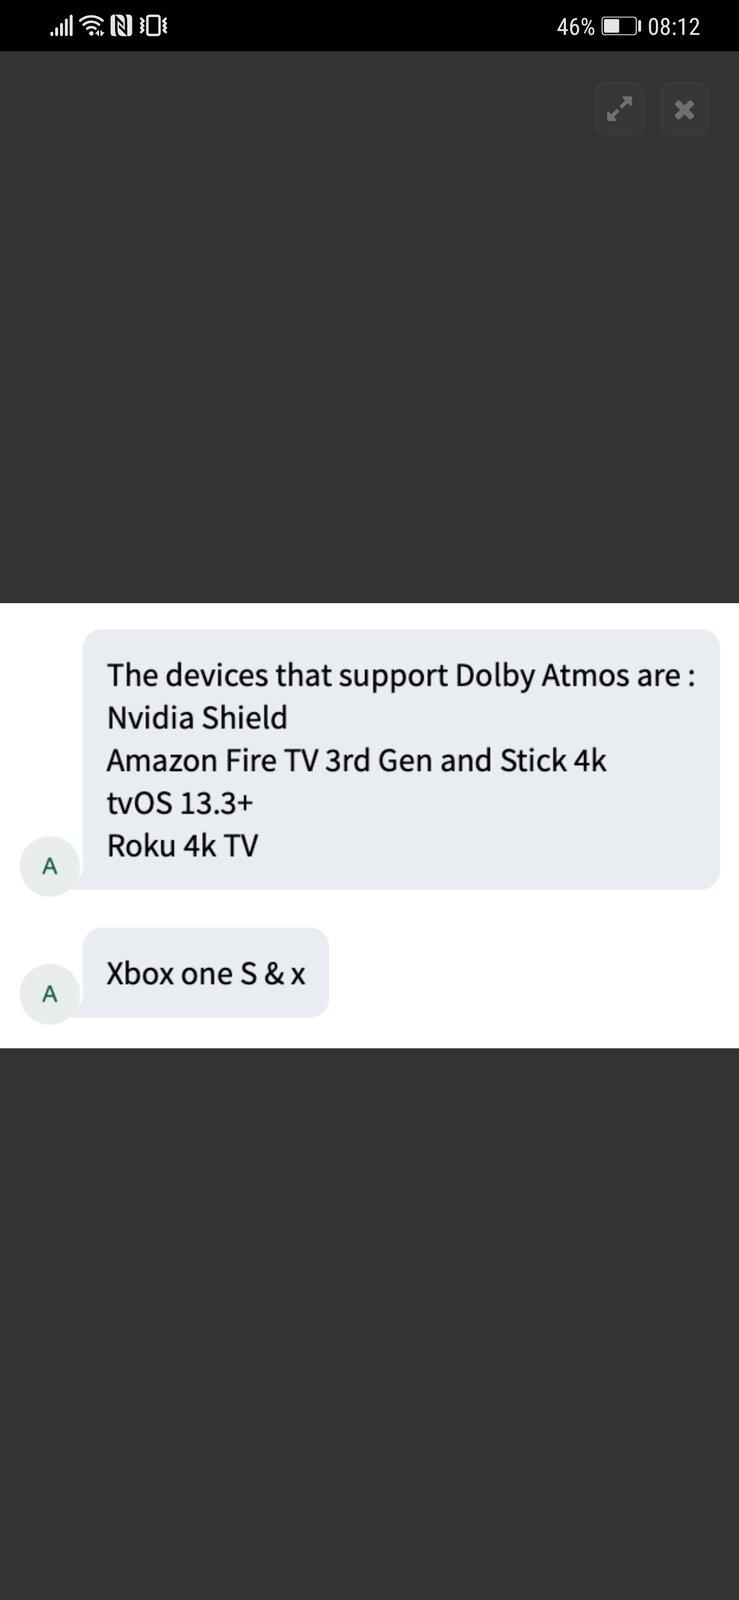 Screenshot_20200731_081212_com.android.chrome.jpg